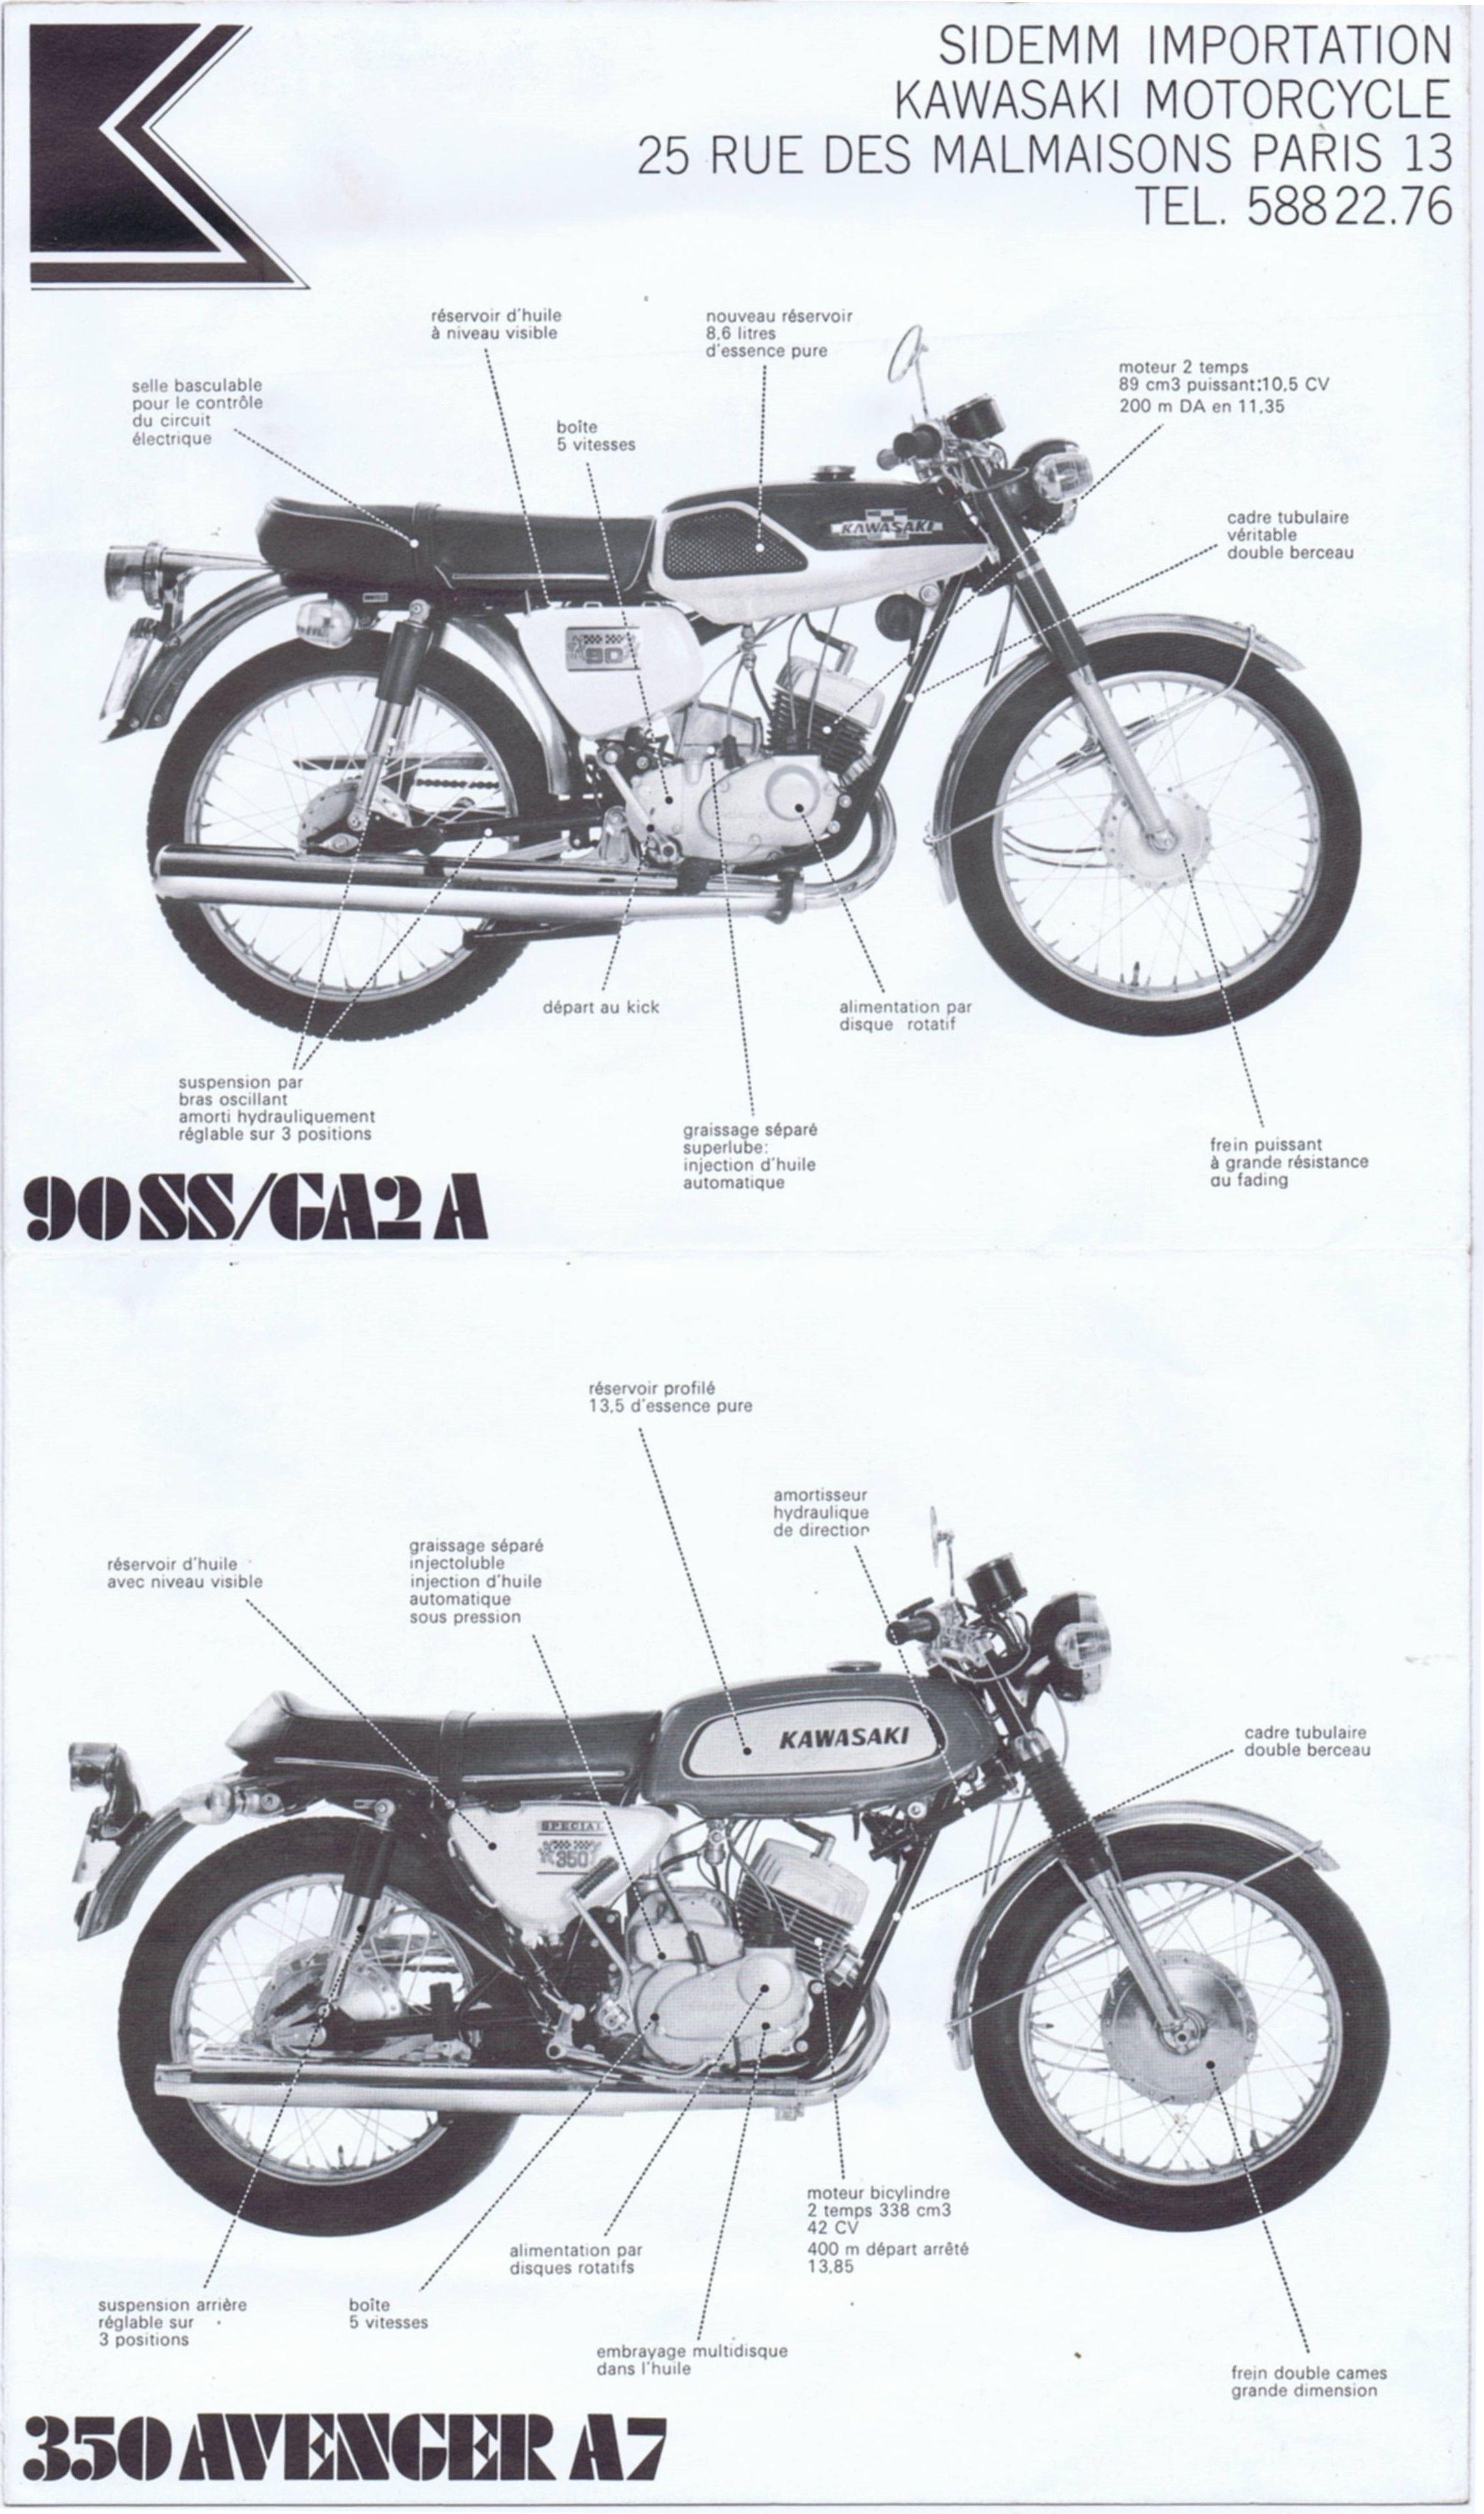 1971_Kawasaki 250 Samurai A1+350 Avenger A7+500 Mach III 2